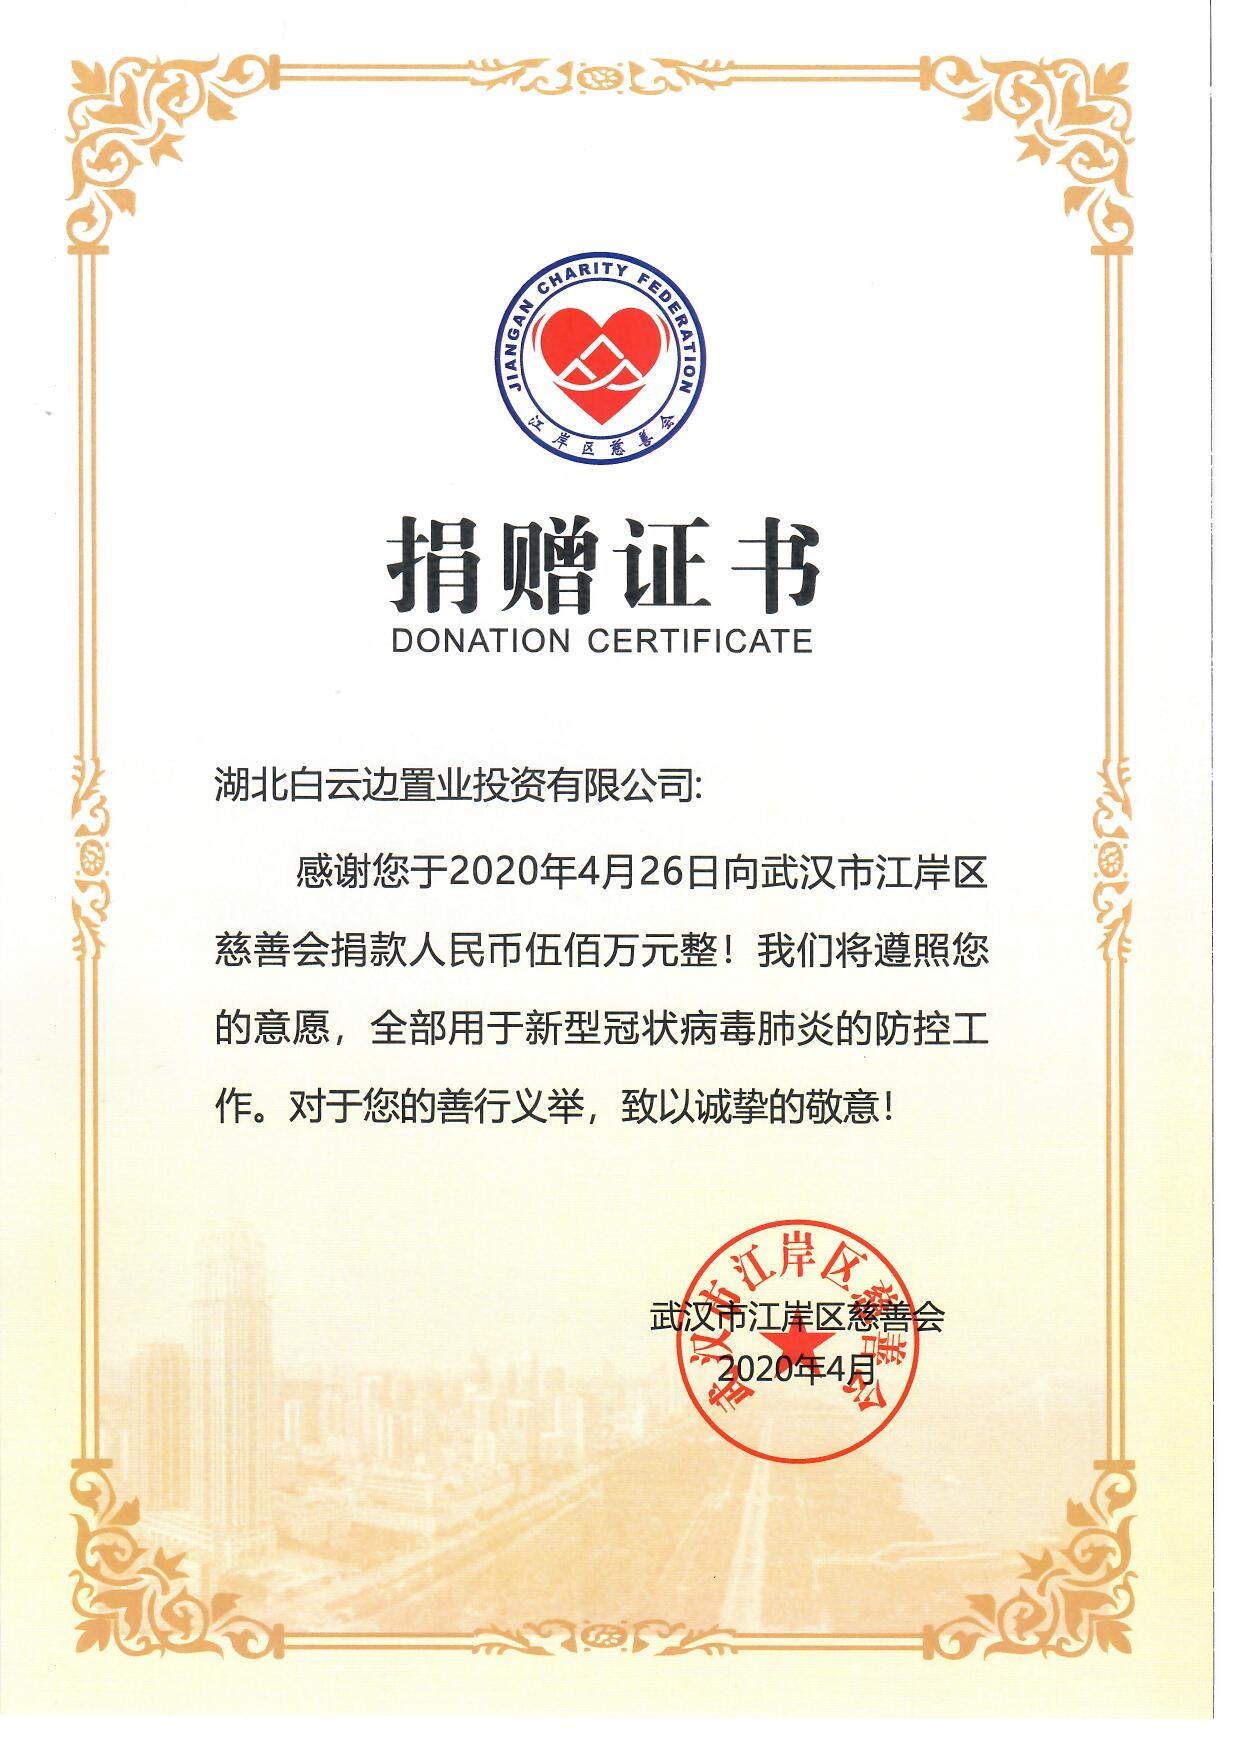 亚博体育官网网址边集团捐款1000万元抗击疫情